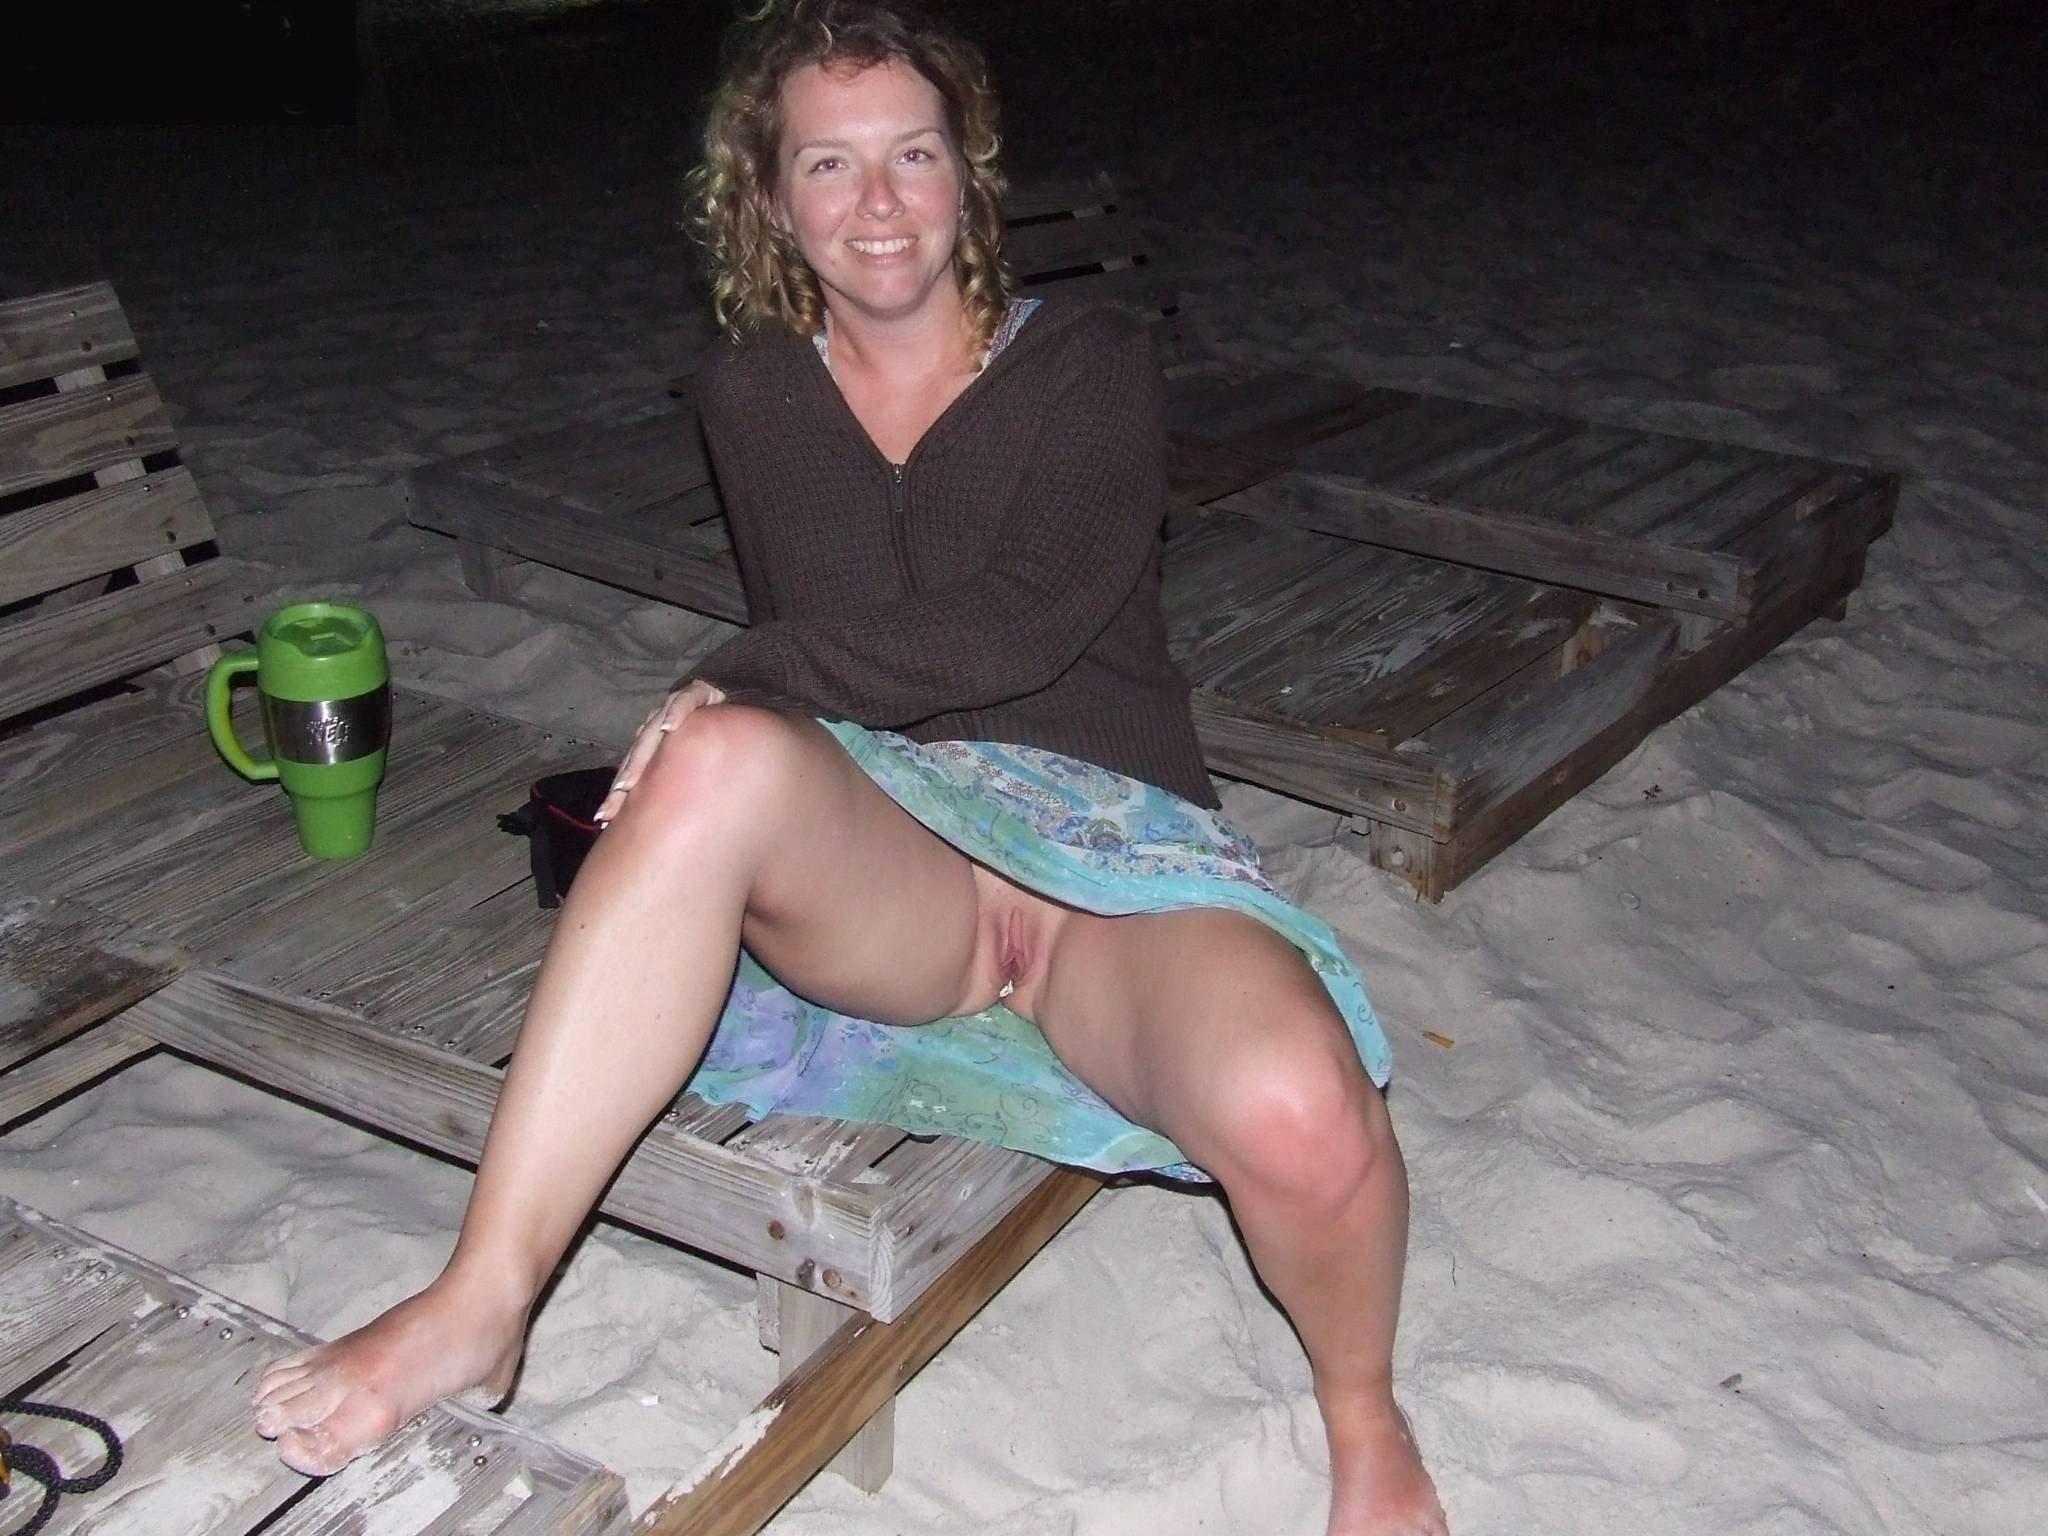 Пьяная женщина без трусов фото, Спящие пьяные девушки (150 фото голых девок.) 1 фотография